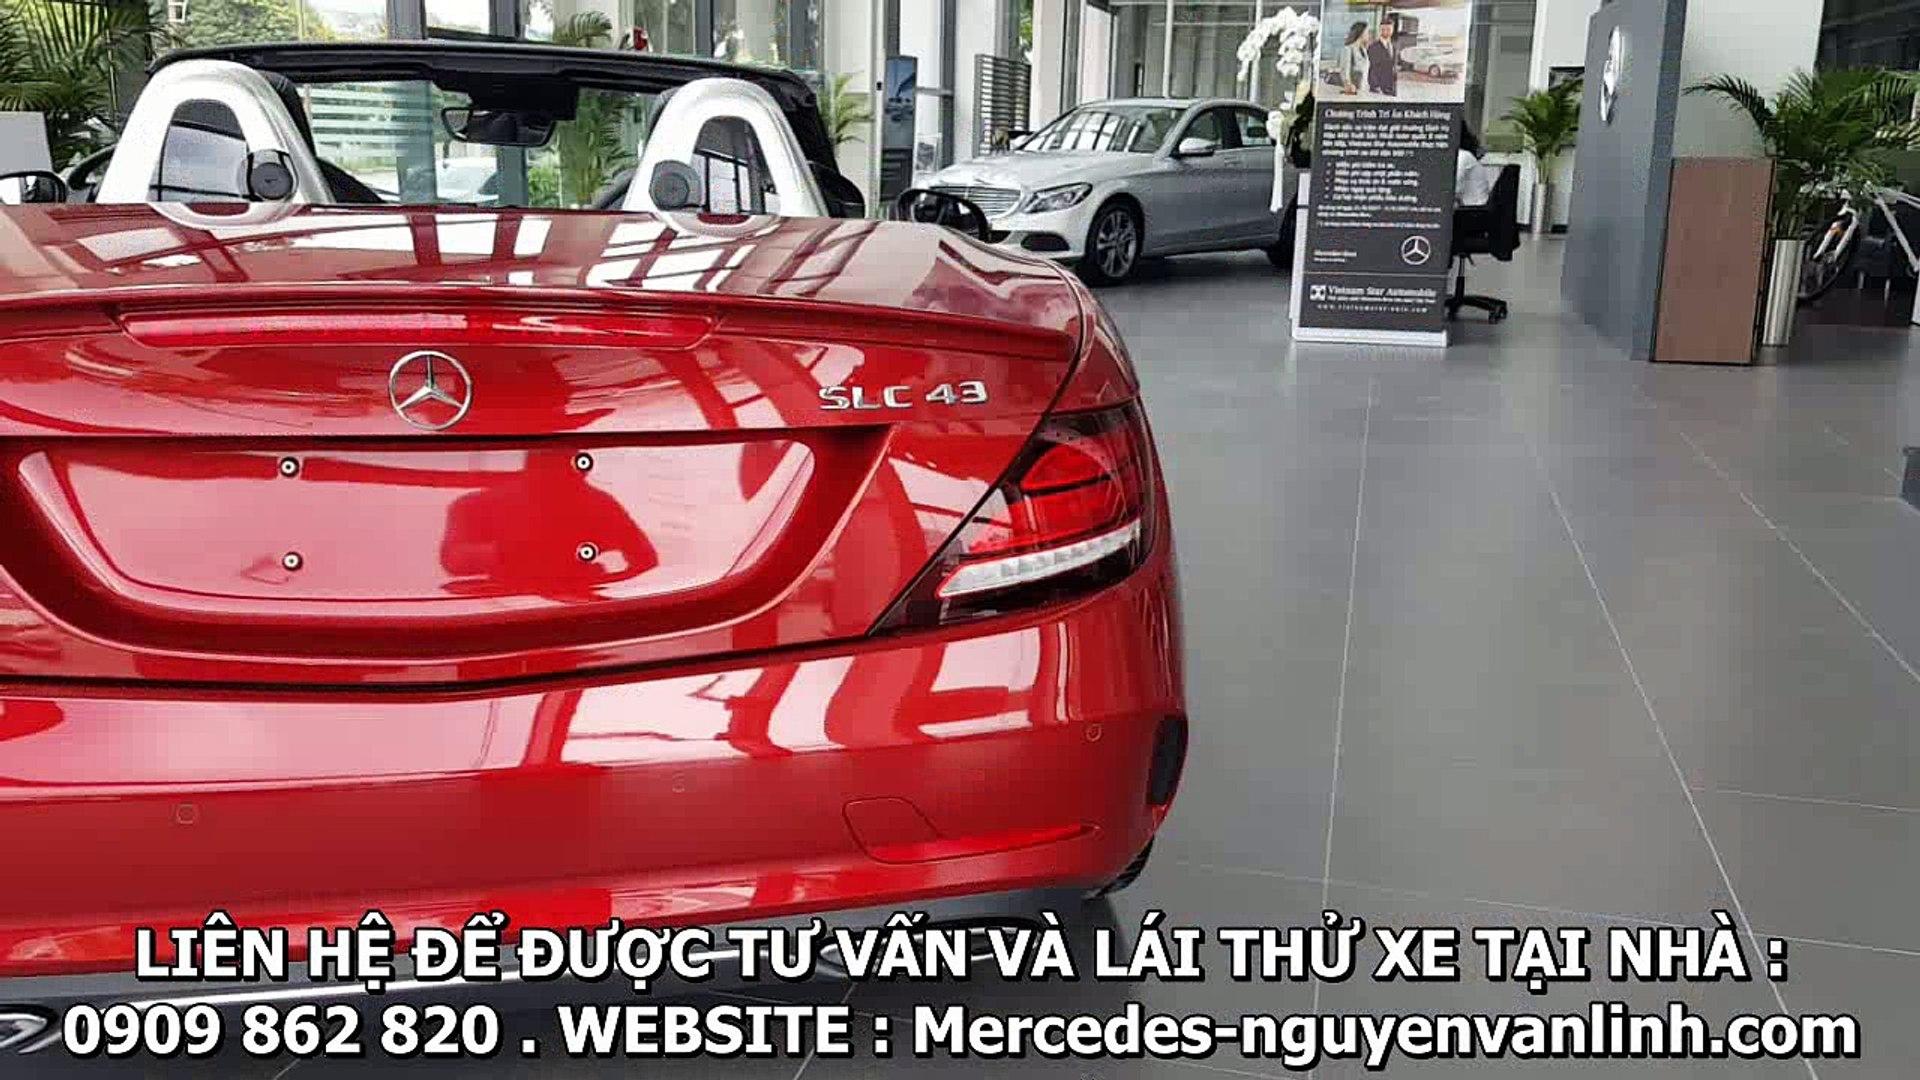 Mercedes SLC43 AMG tại Việt Nam , Liên hệ : 0909 862 820